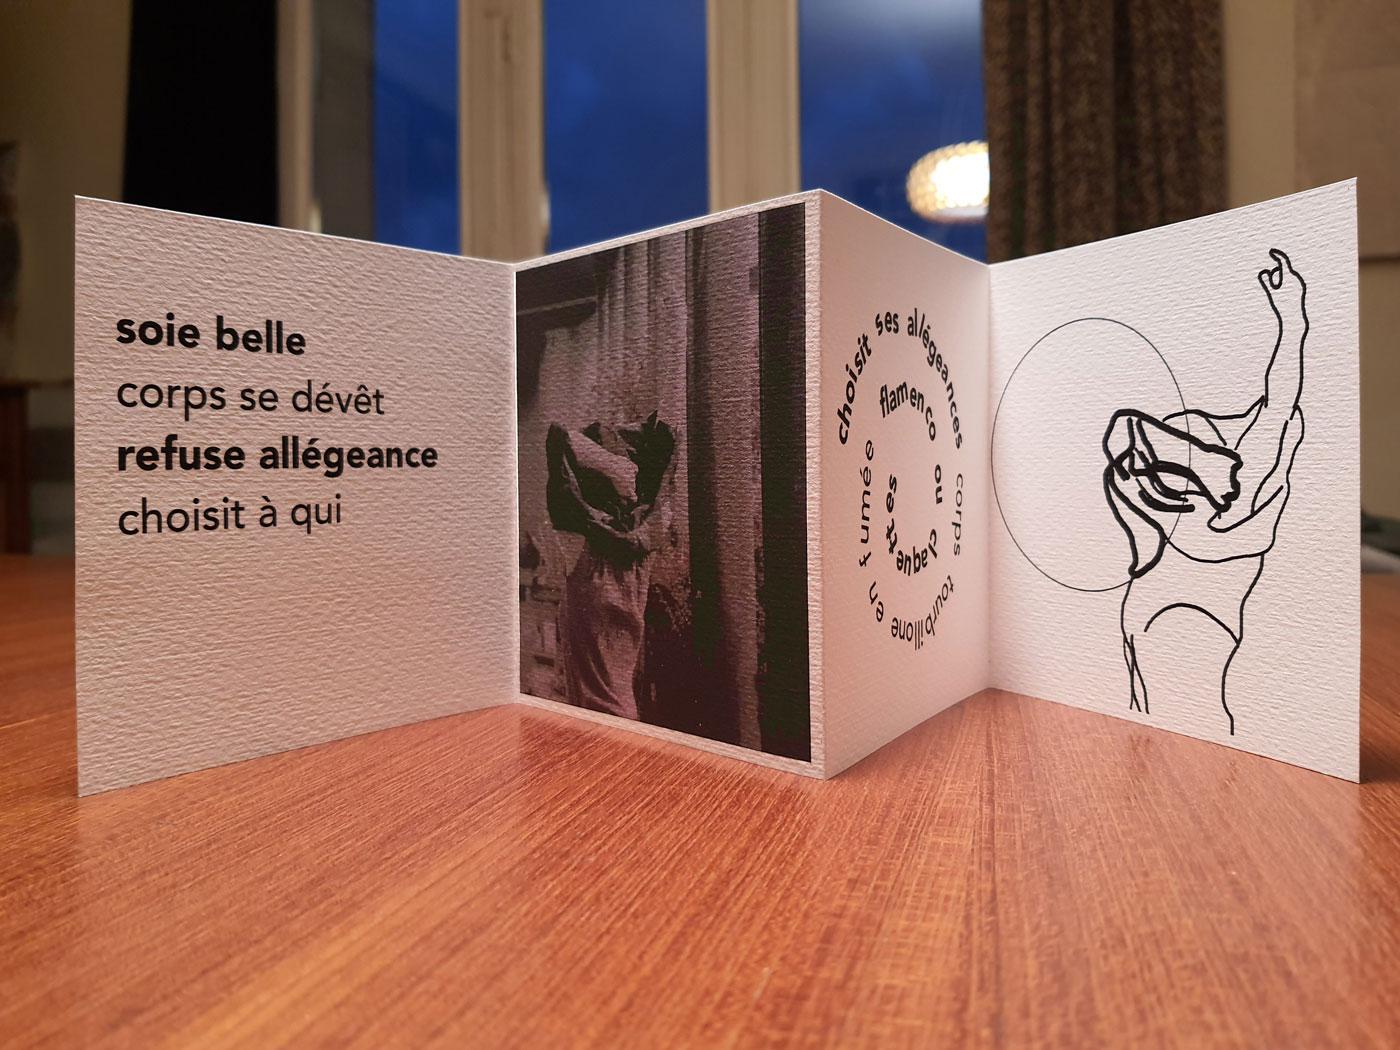 Leporello [Prenez et mangez. mai-juin. Corps pense], édition de l'artiste Marie-Claire Raoul, éditions IFFS, dessin Caroline Denos, novembre 2020